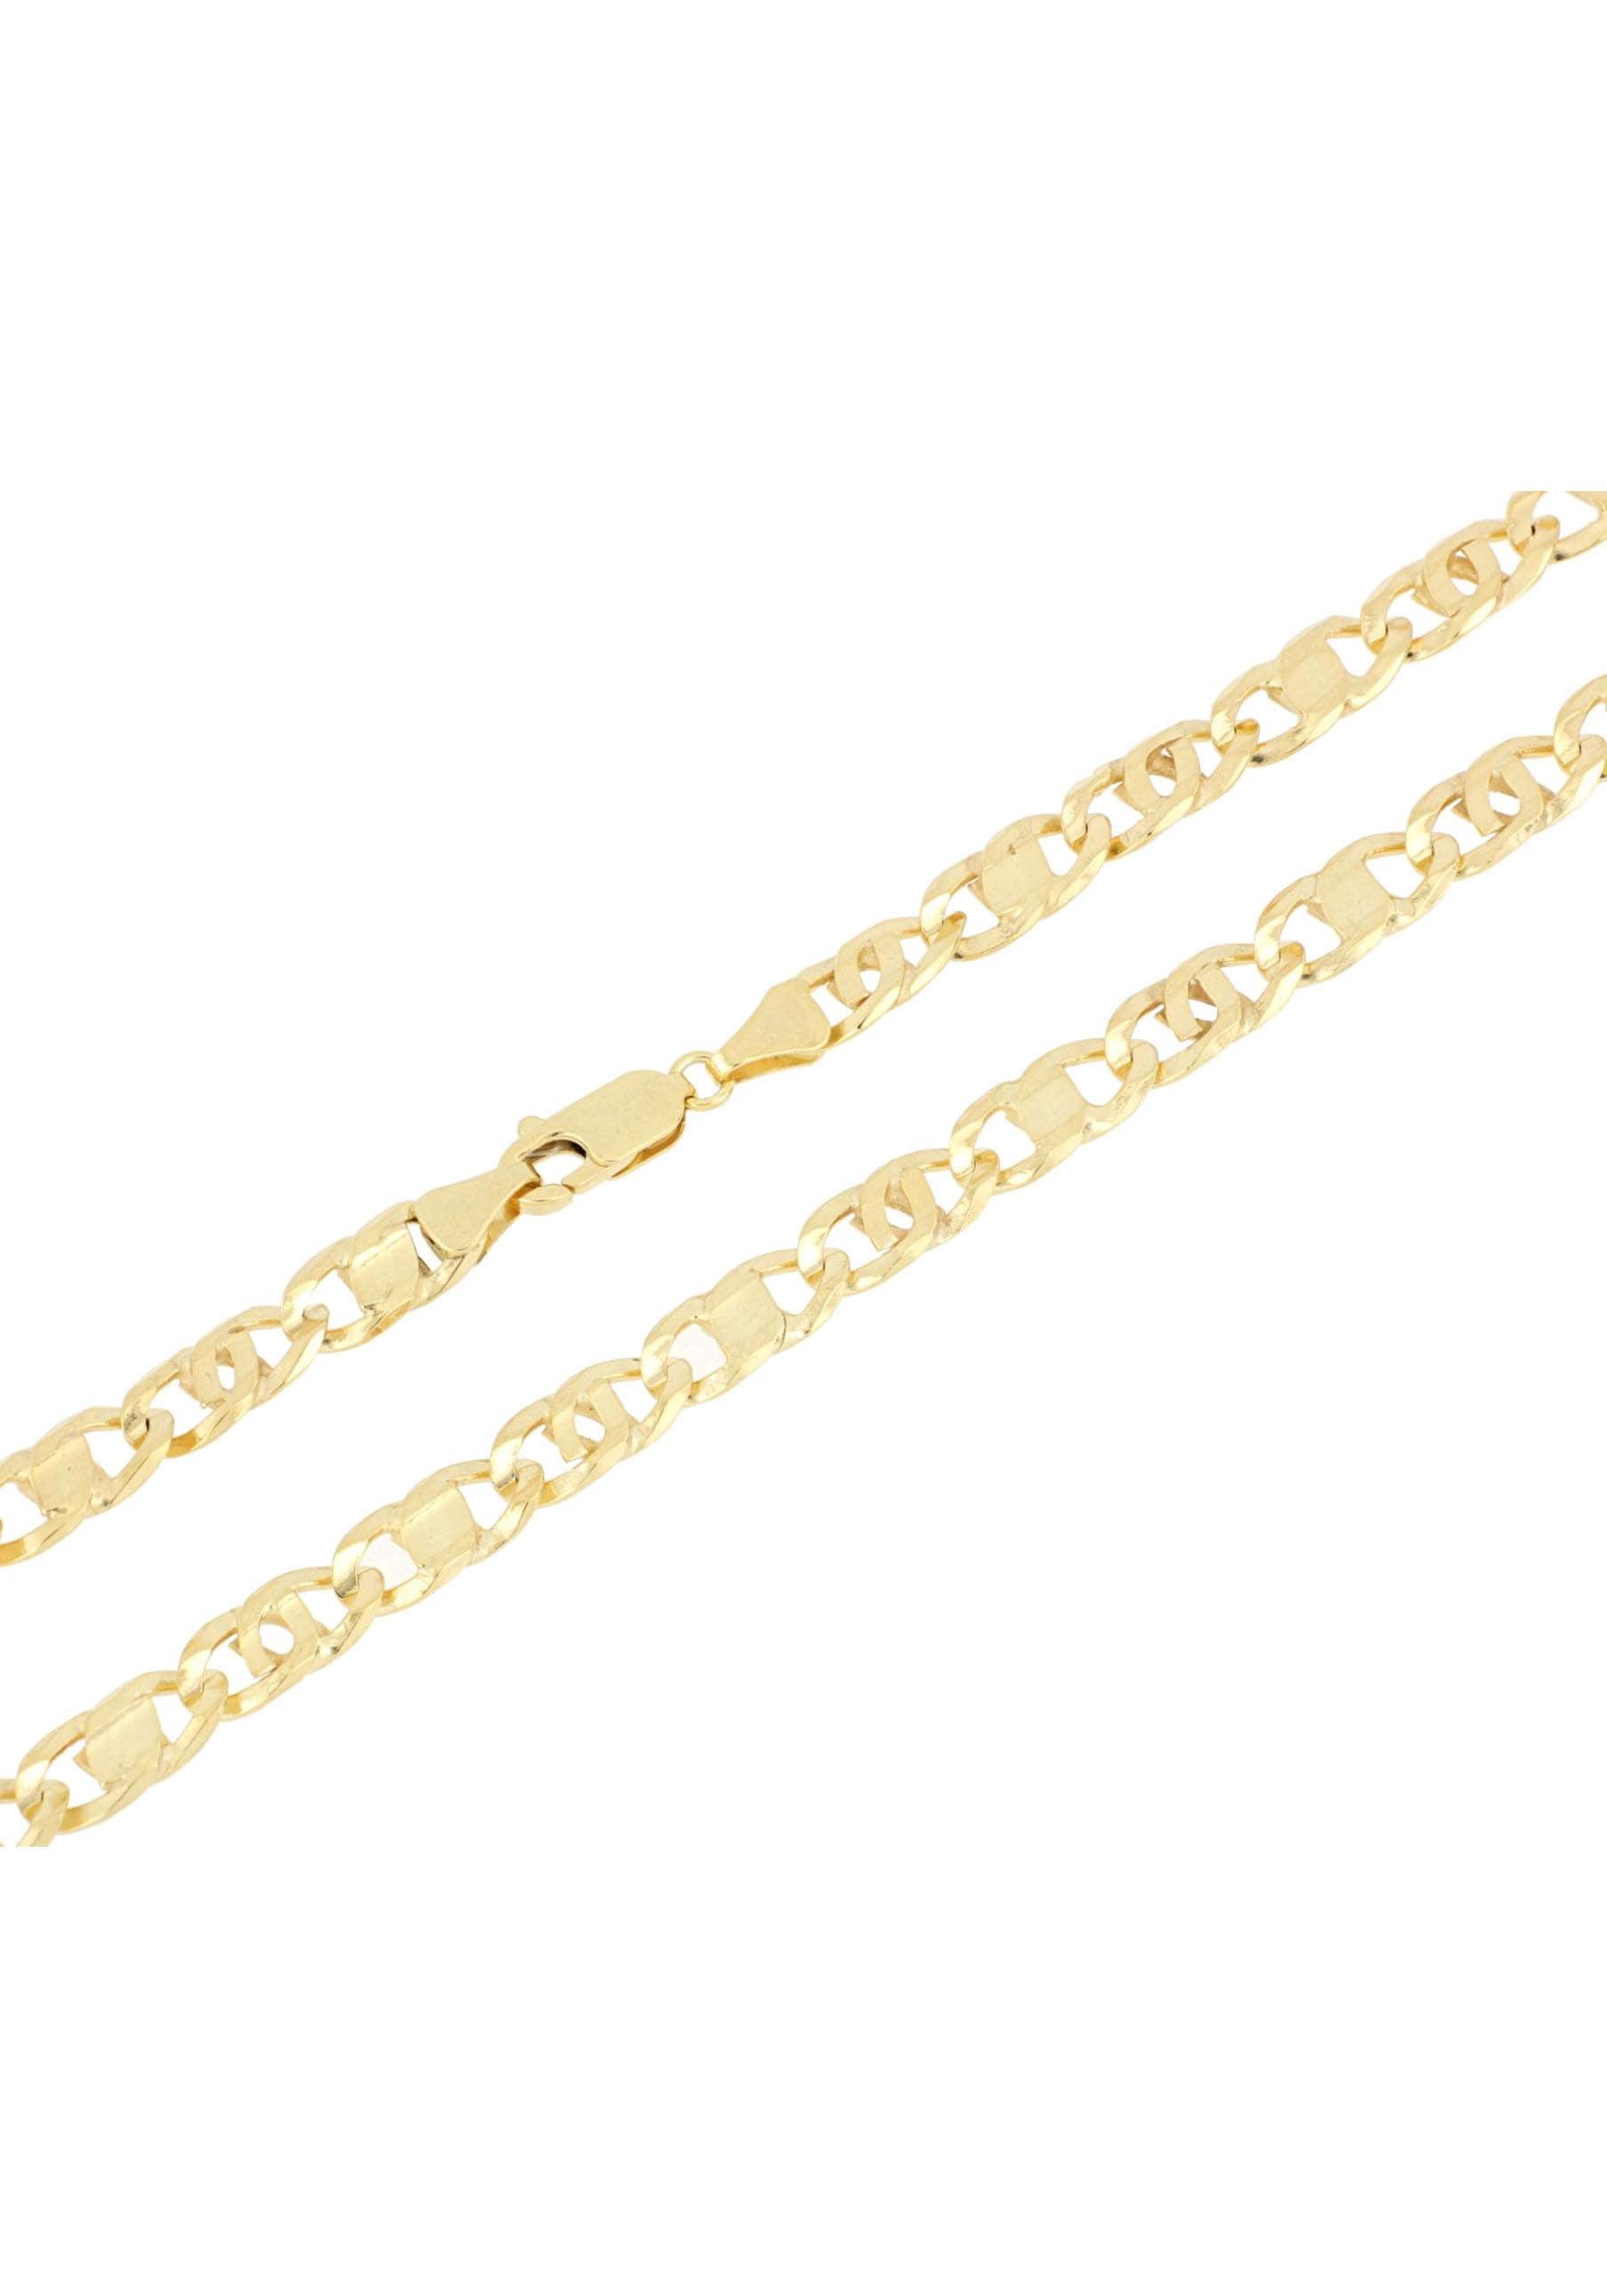 Firetti Goldkette Achter-Rebhuhn-Plättchenkettengliederung, 5,5 mm breit, 6 günstig online kaufen